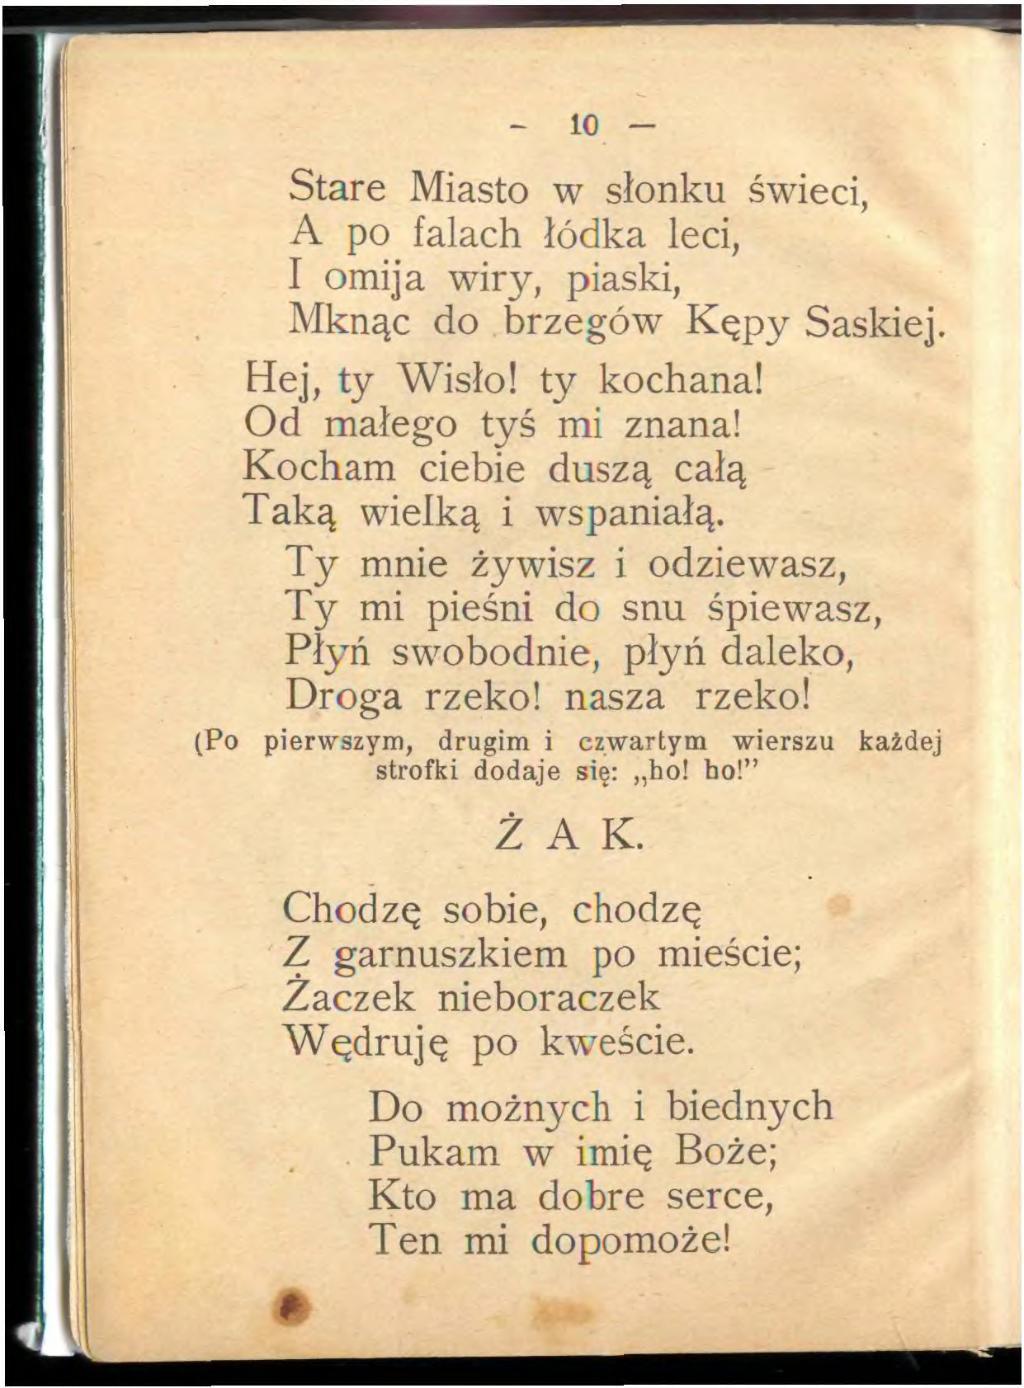 Stronapl Szopka Wiersz Or Otadjvu16 Wikiźródła Wolna